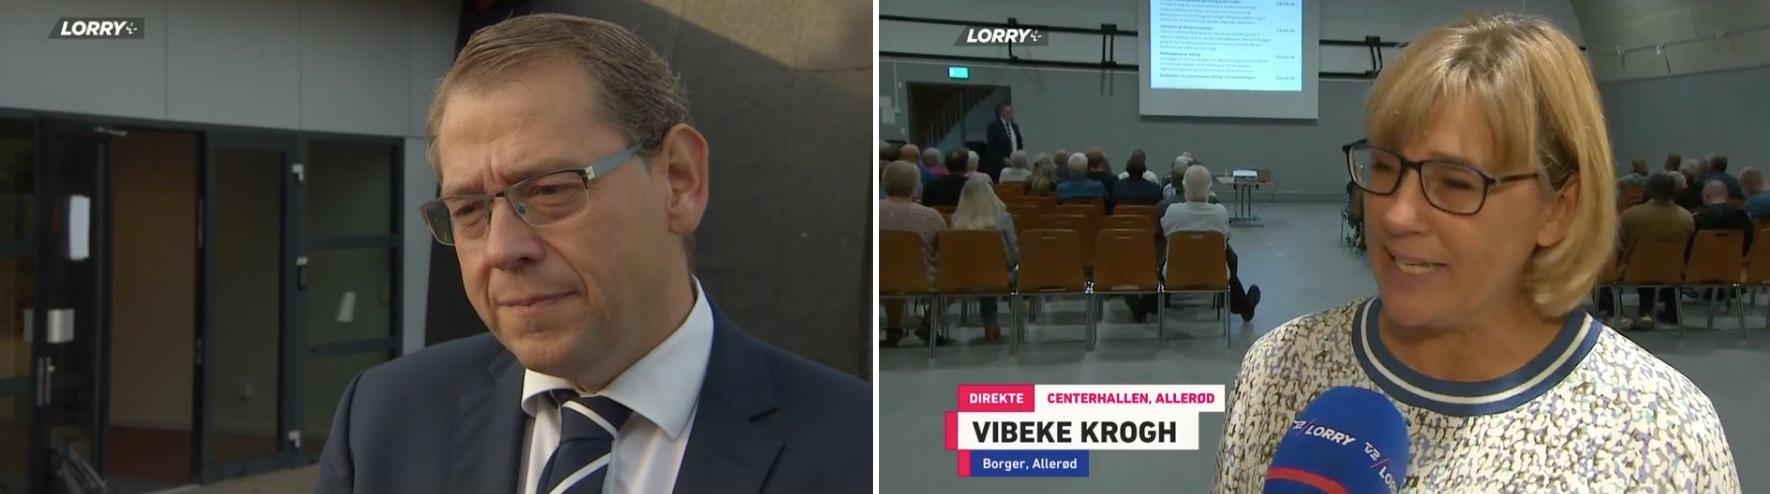 Inden selve mødet blev  Karsten Längerich interviewet og under selve mødet blev det Vibeke Kroghs tur. Klip fra TV-Lorry.